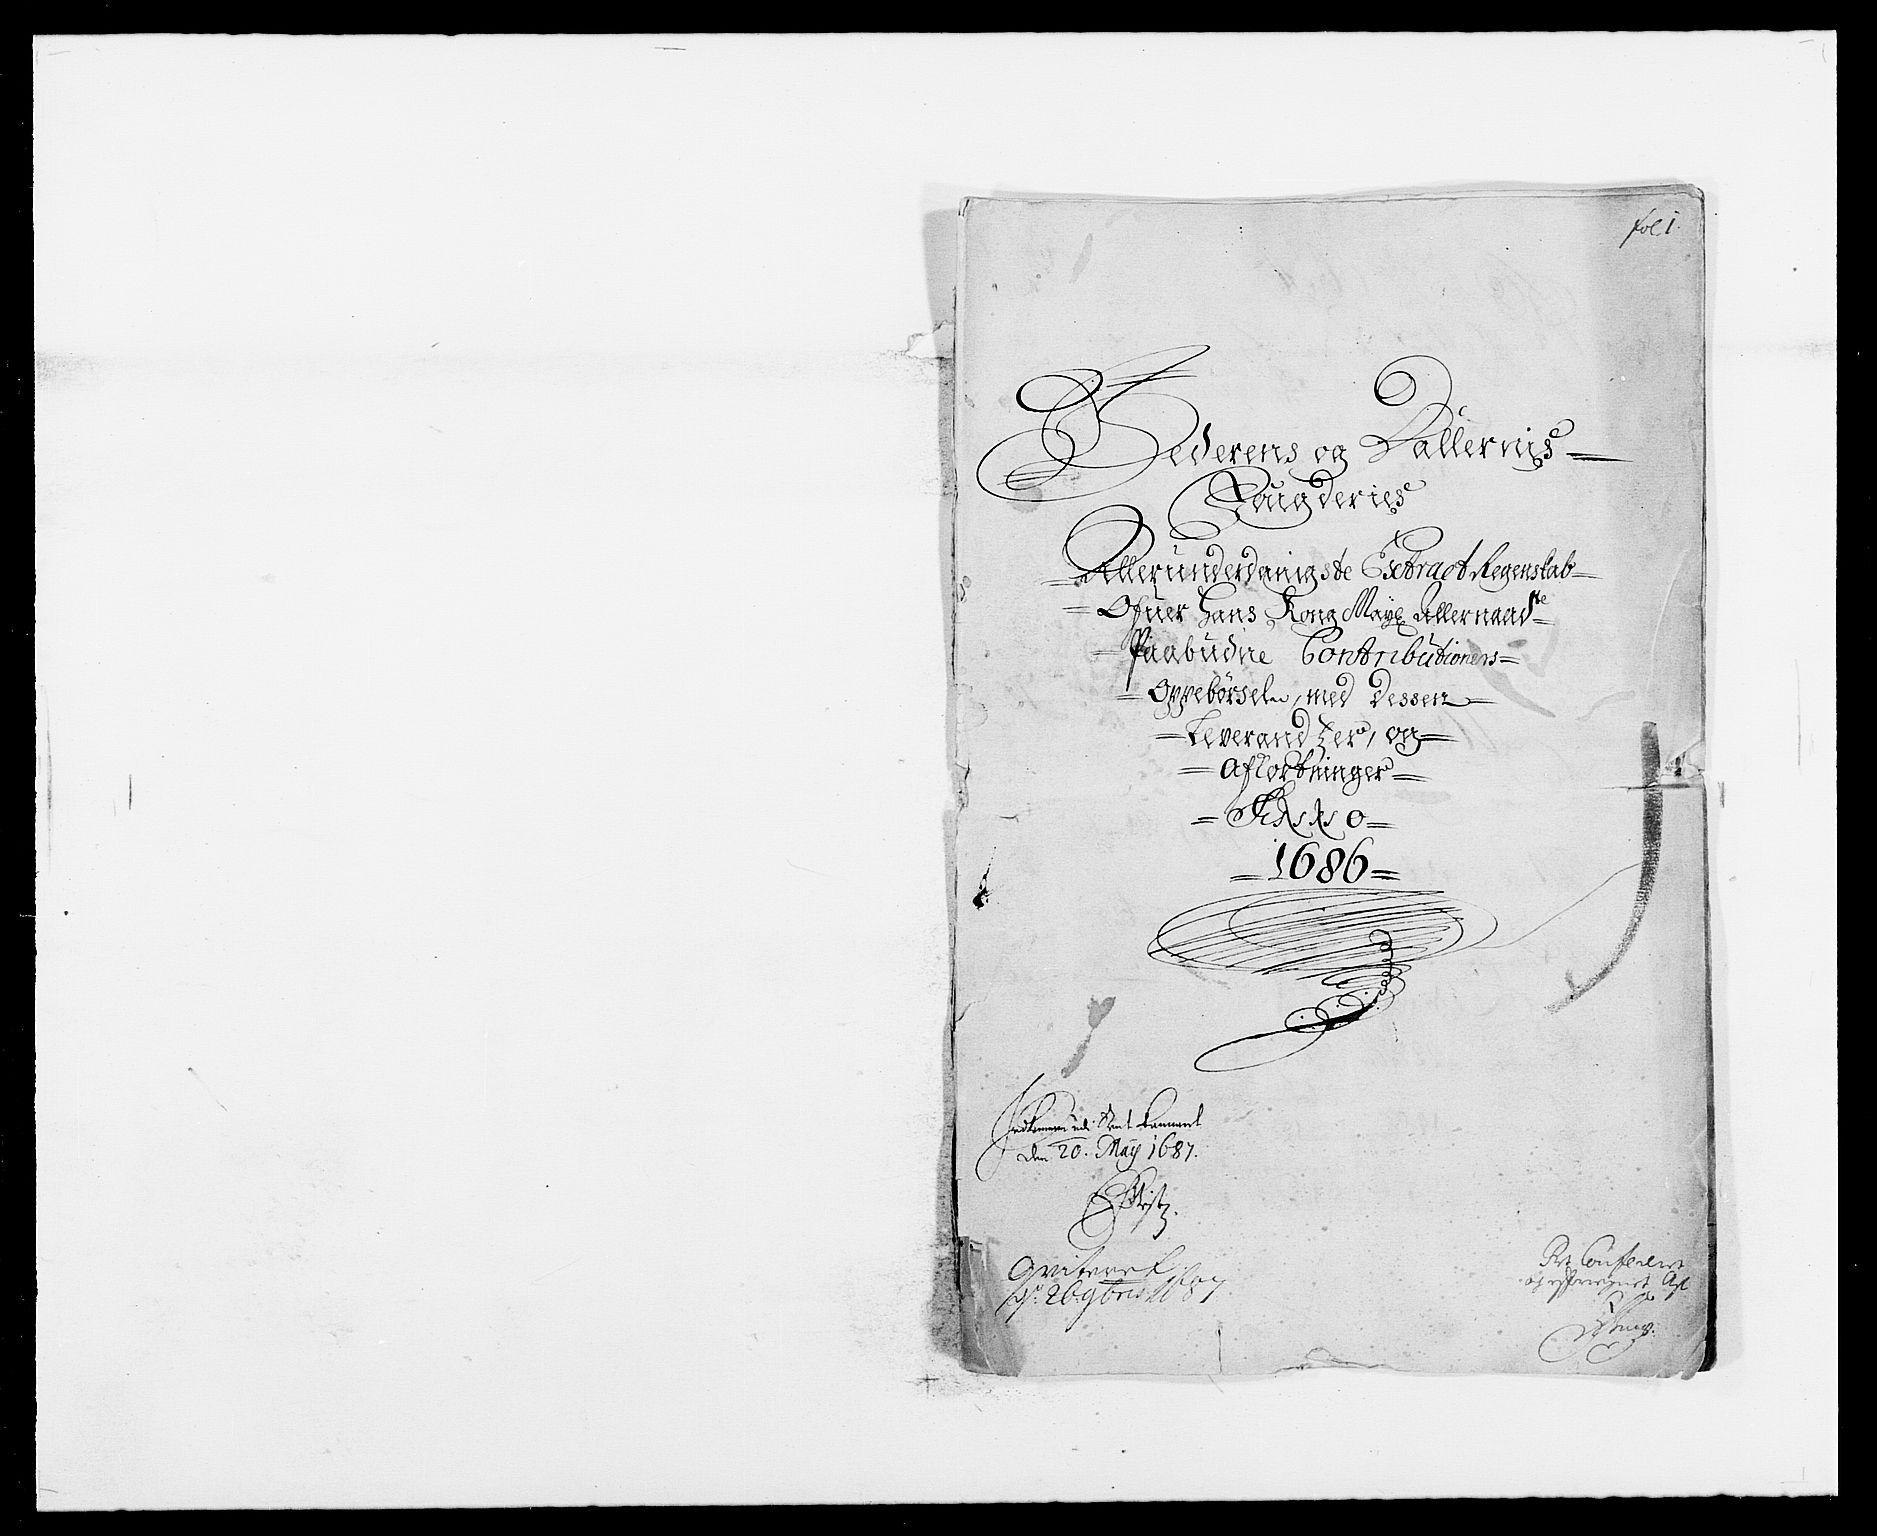 RA, Rentekammeret inntil 1814, Reviderte regnskaper, Fogderegnskap, R46/L2726: Fogderegnskap Jæren og Dalane, 1686-1689, s. 1